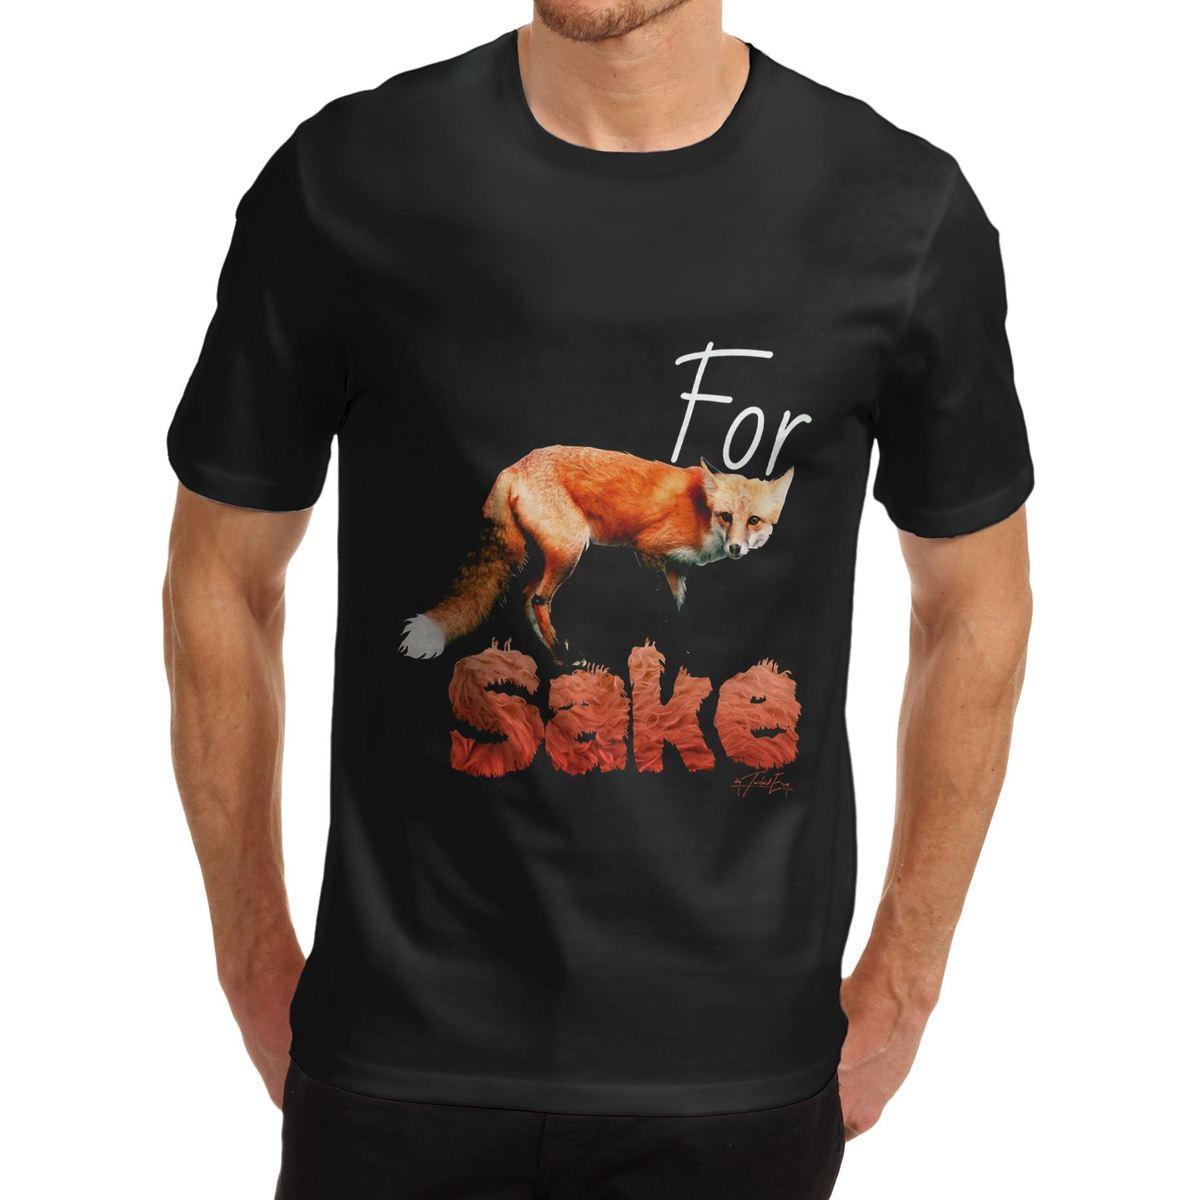 05a220e5c Compre Camiseta De Manga Corta De Diseño O Cuello De Diseño Mens Para Fox  Sake 100% Algodón Orgánico T Shirts A  11.0 Del Teespringshirts